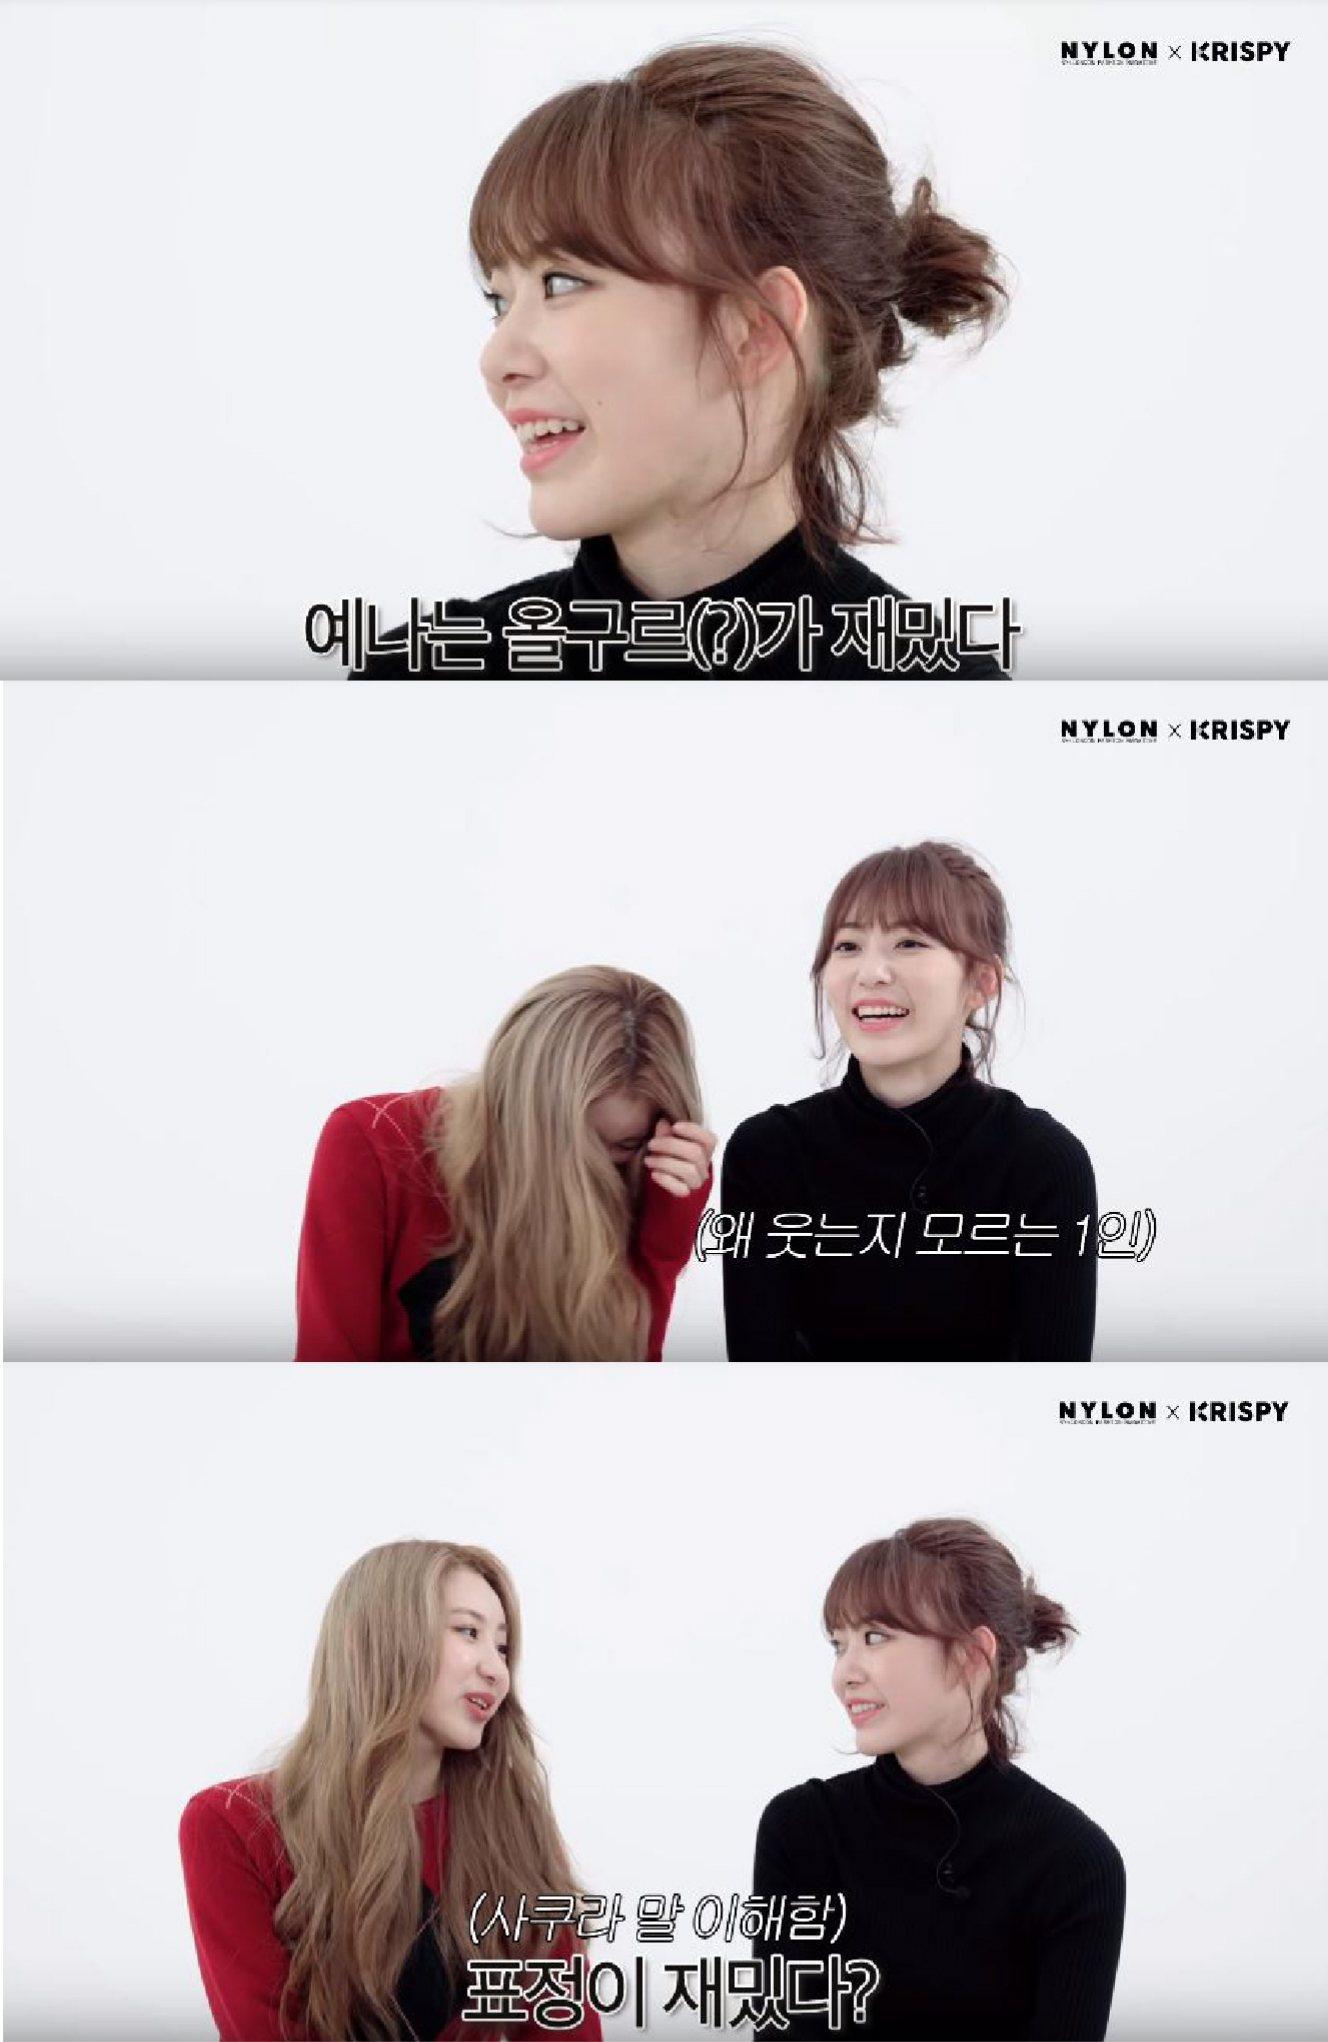 關鍵字「綜藝」宮脇咲良說「崔叡娜的臉很好笑」原來她要講的是表情很好笑,一不小心變成DISS成員,把彩讌都笑翻啦~